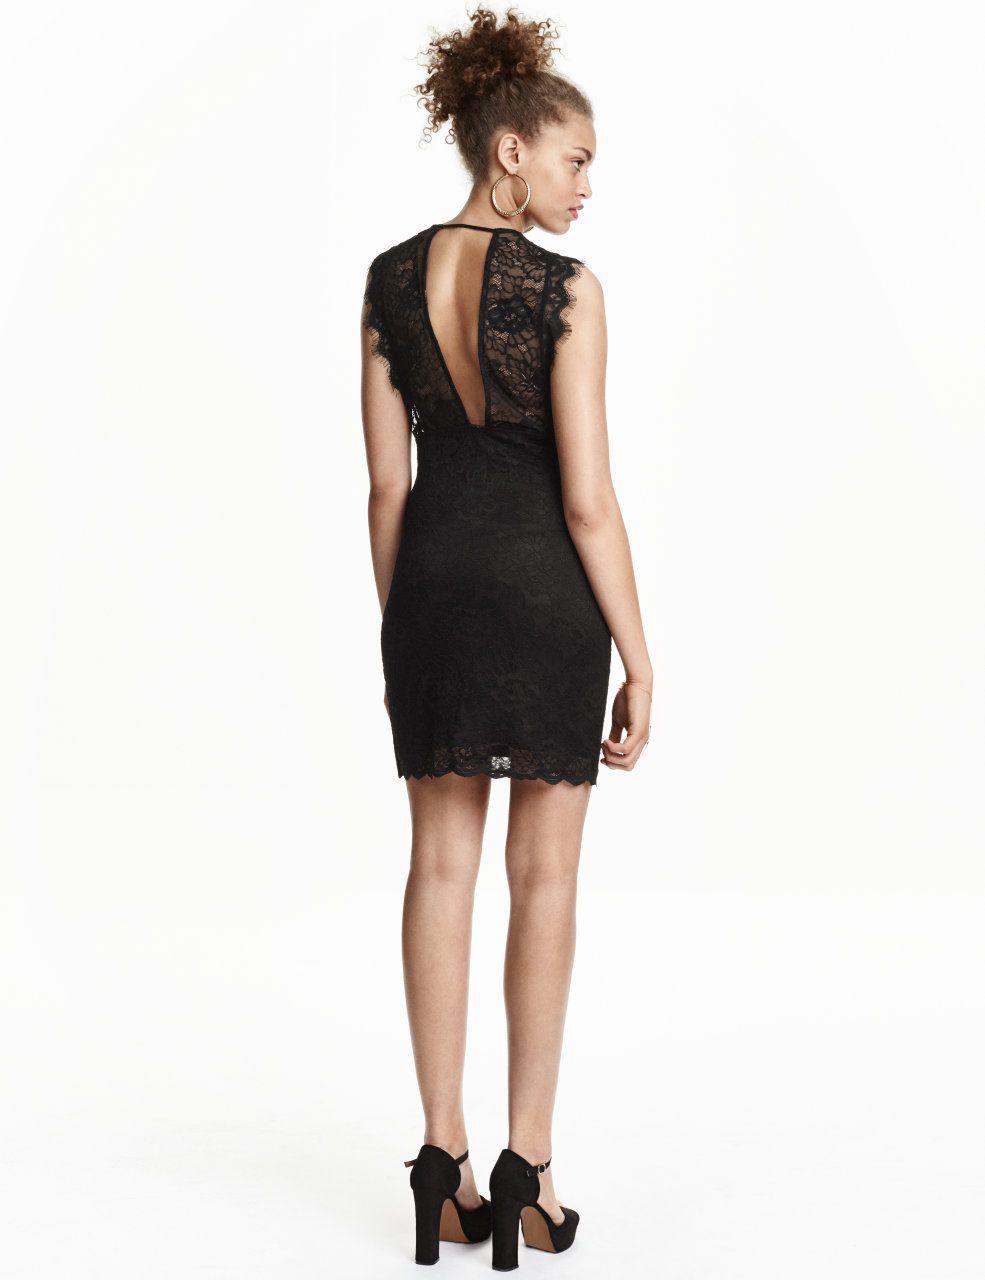 h&m spitzenkleid 14,99 | modestil, kleid schwarz spitze